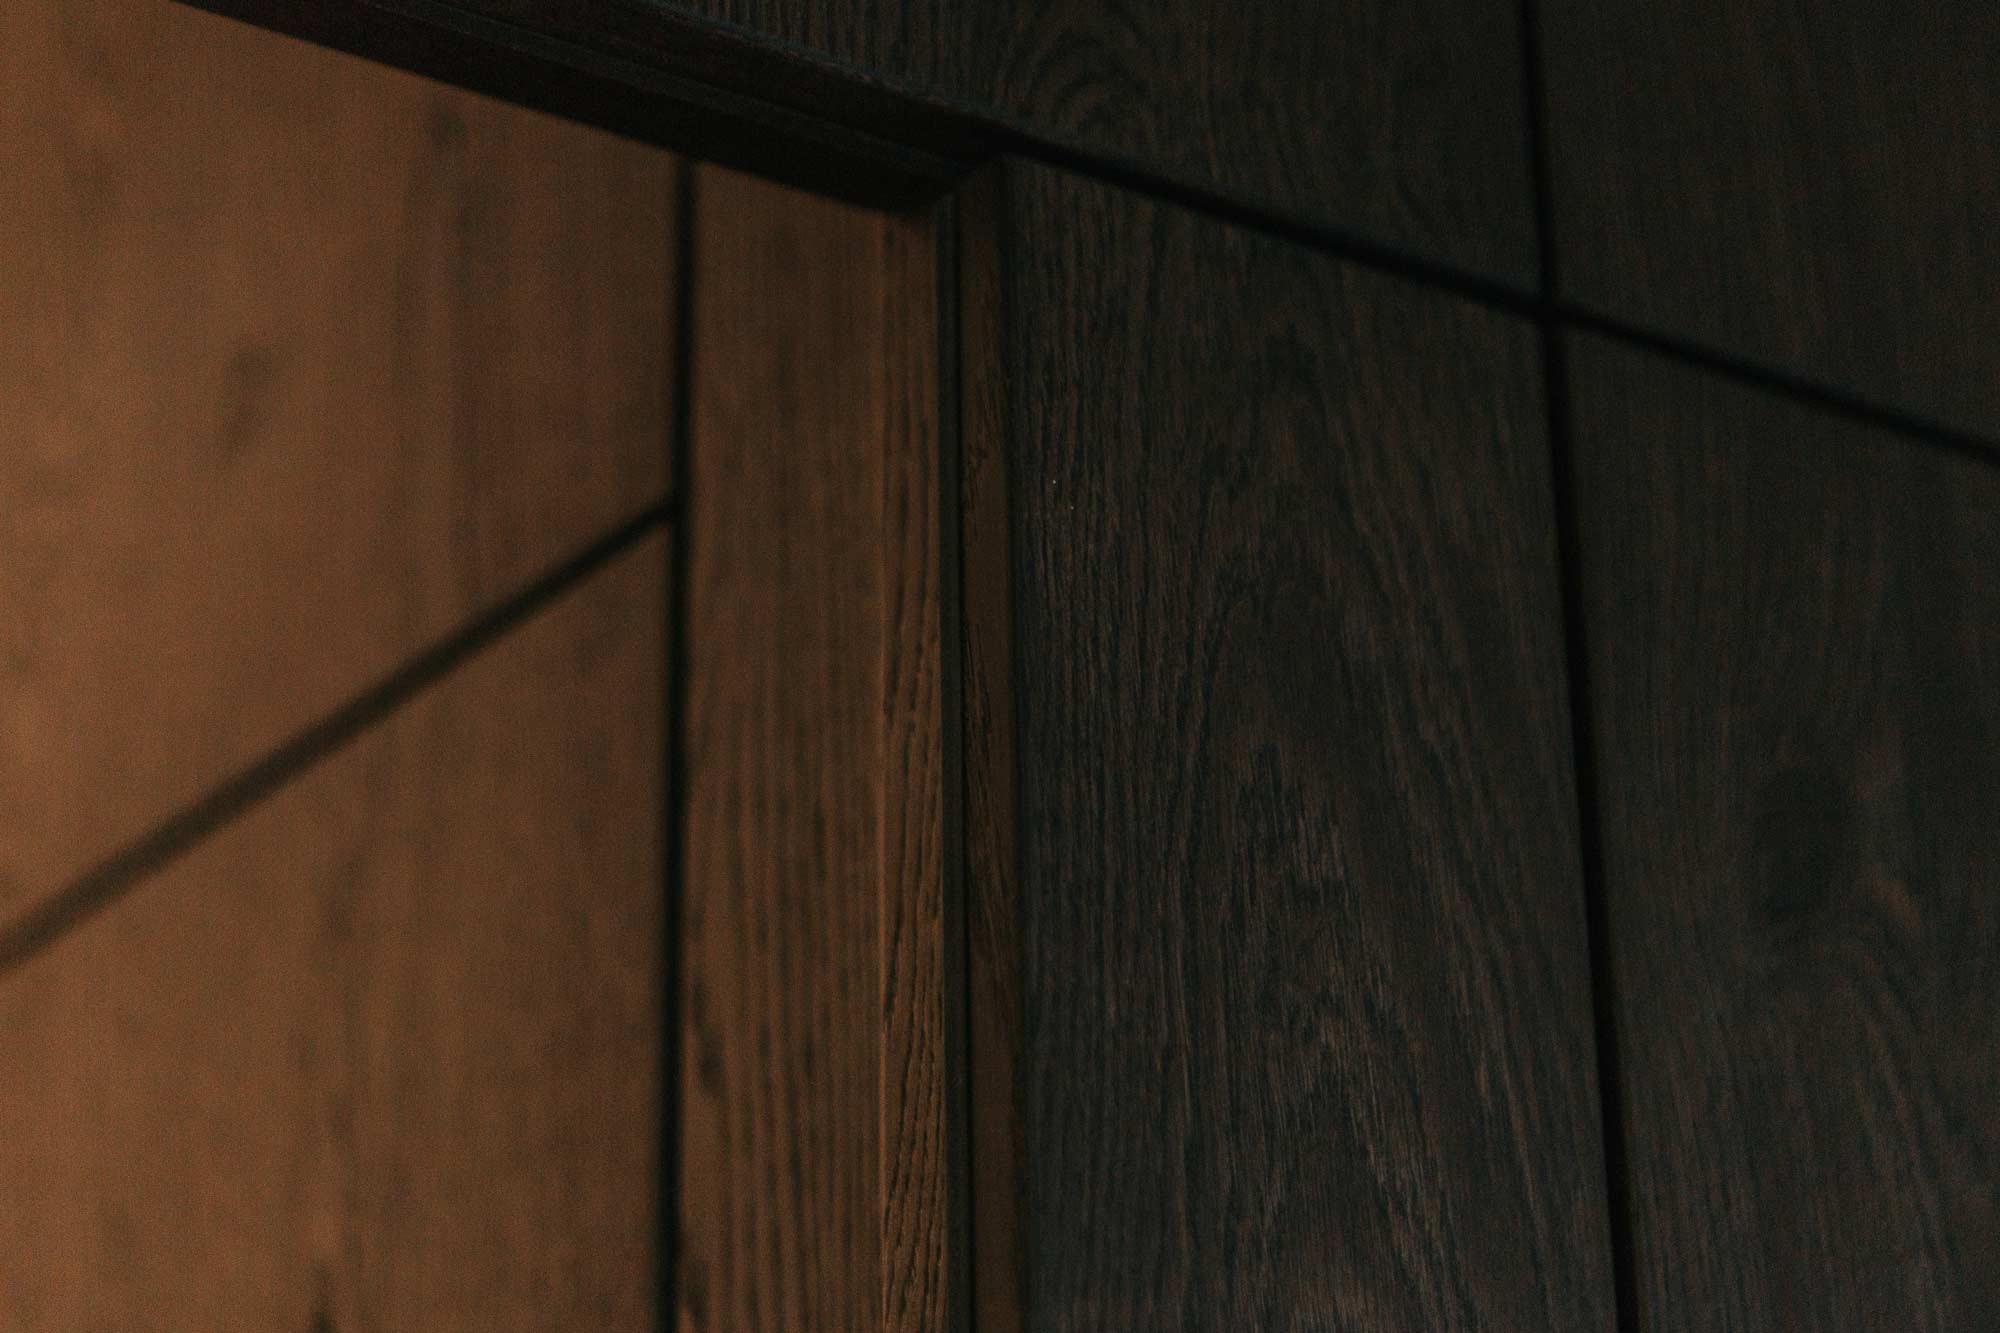 Wandverbau B Garderobe und Stauraum,mit integriertem TV und Tür zur Toilette